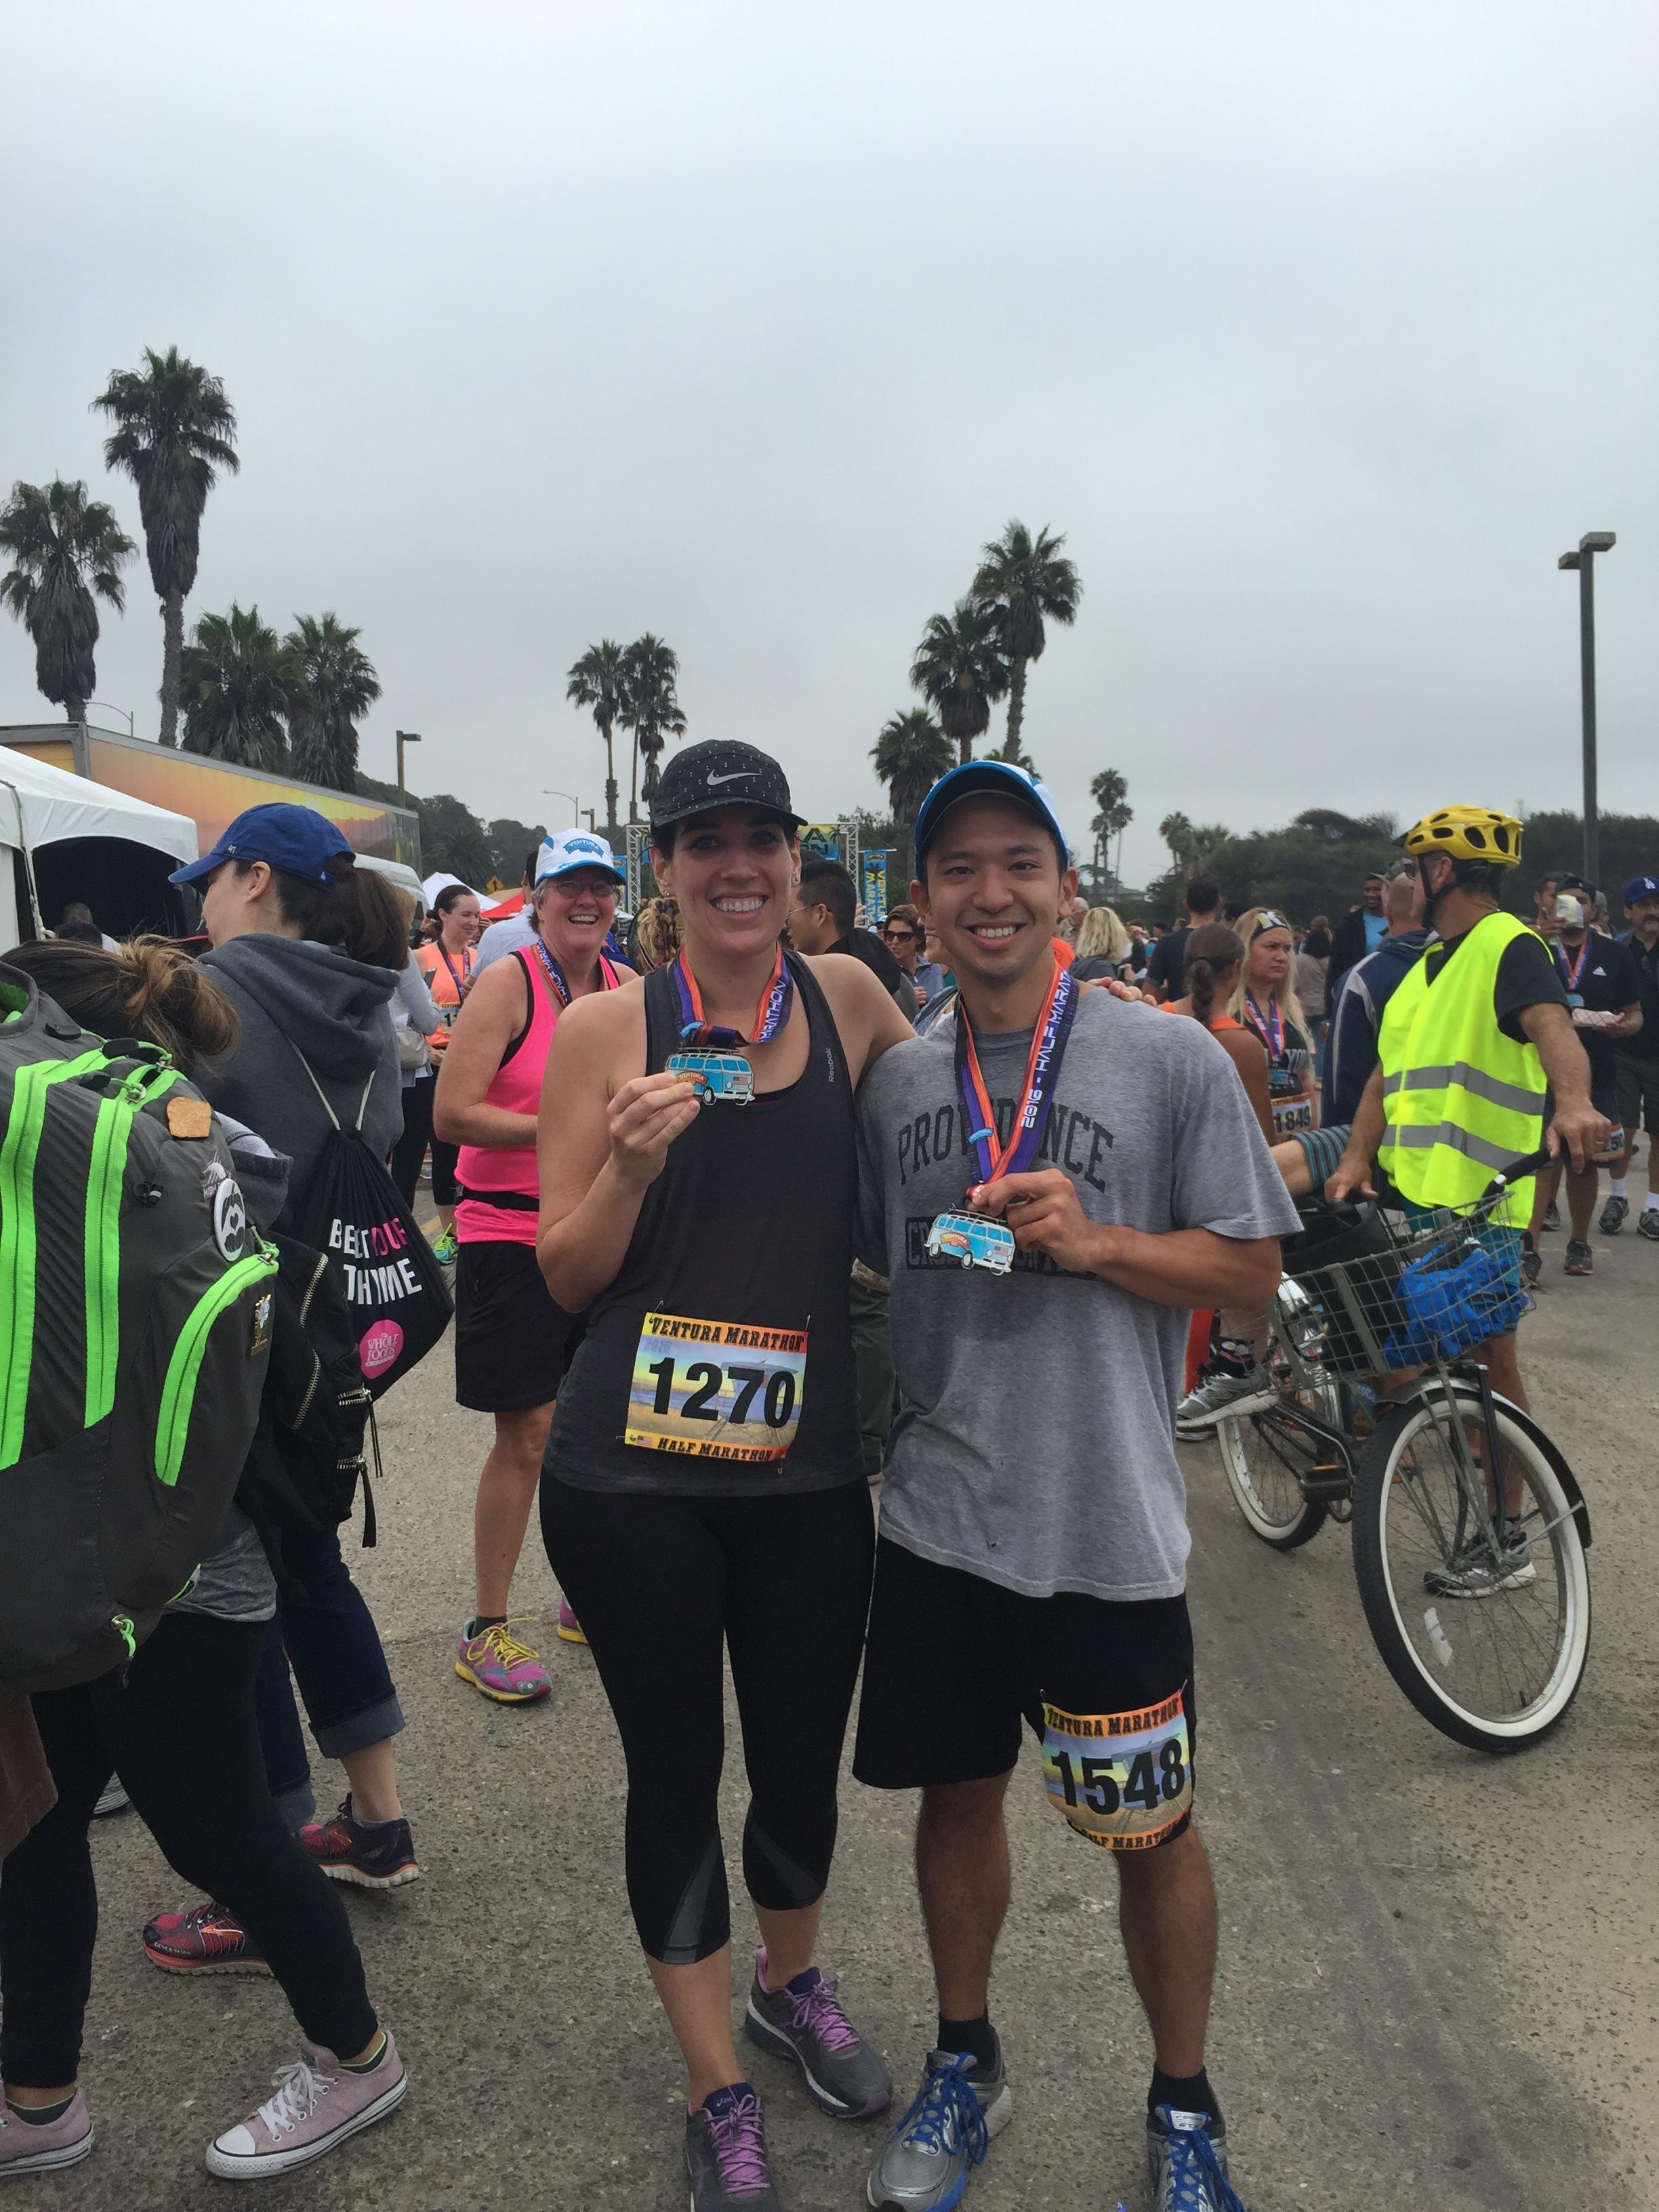 Ran a half marathon with my super friend-client Megan who's in training to PR a marathon!